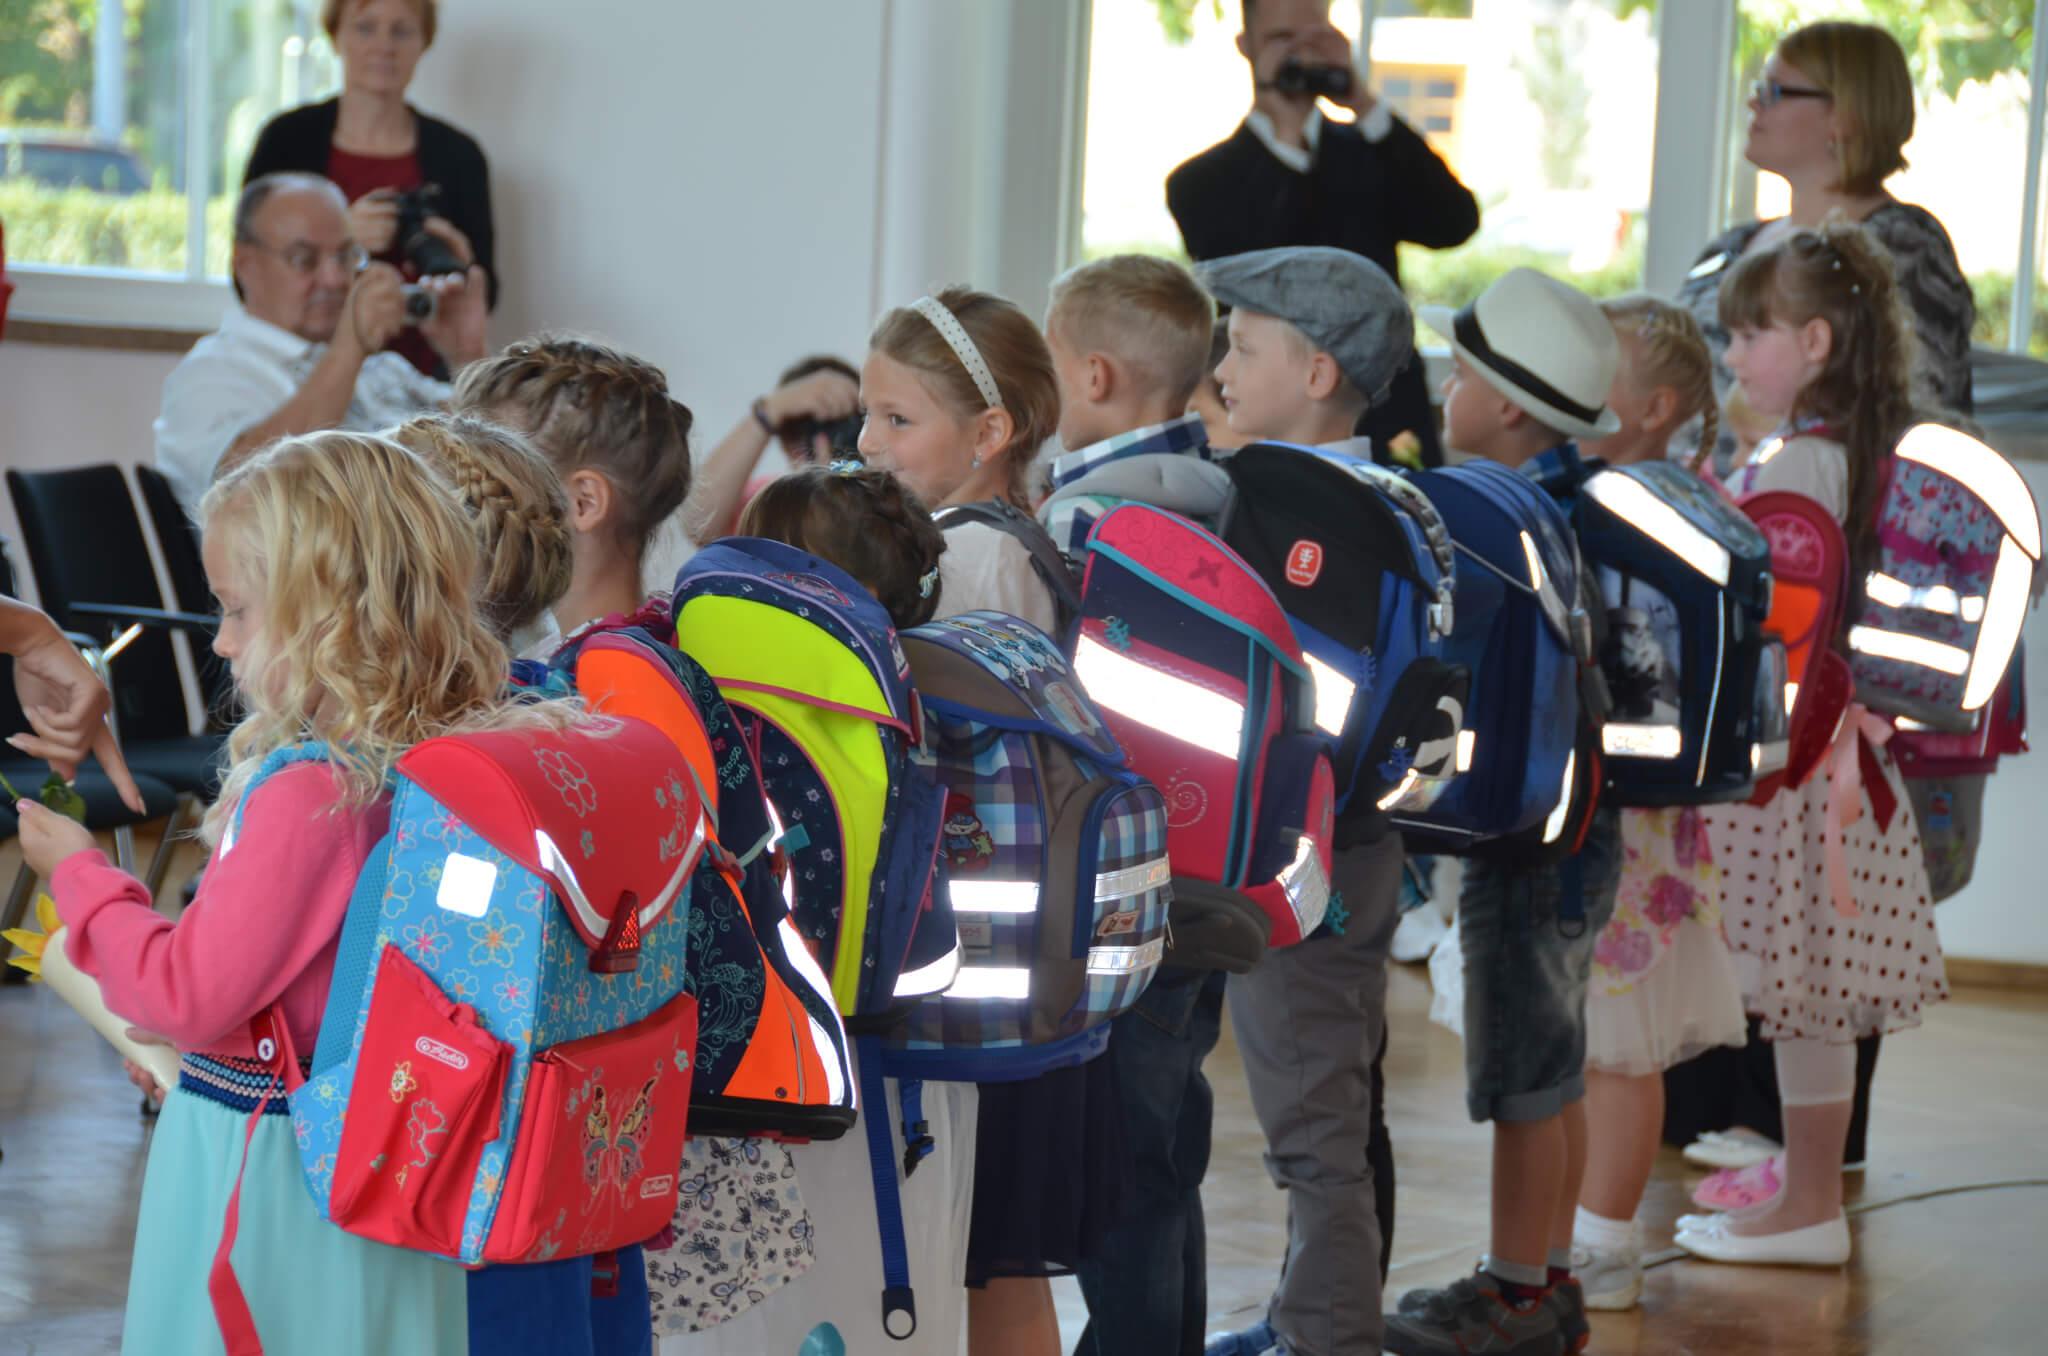 Einschulung, Schulranzen, Mappe, Kinder